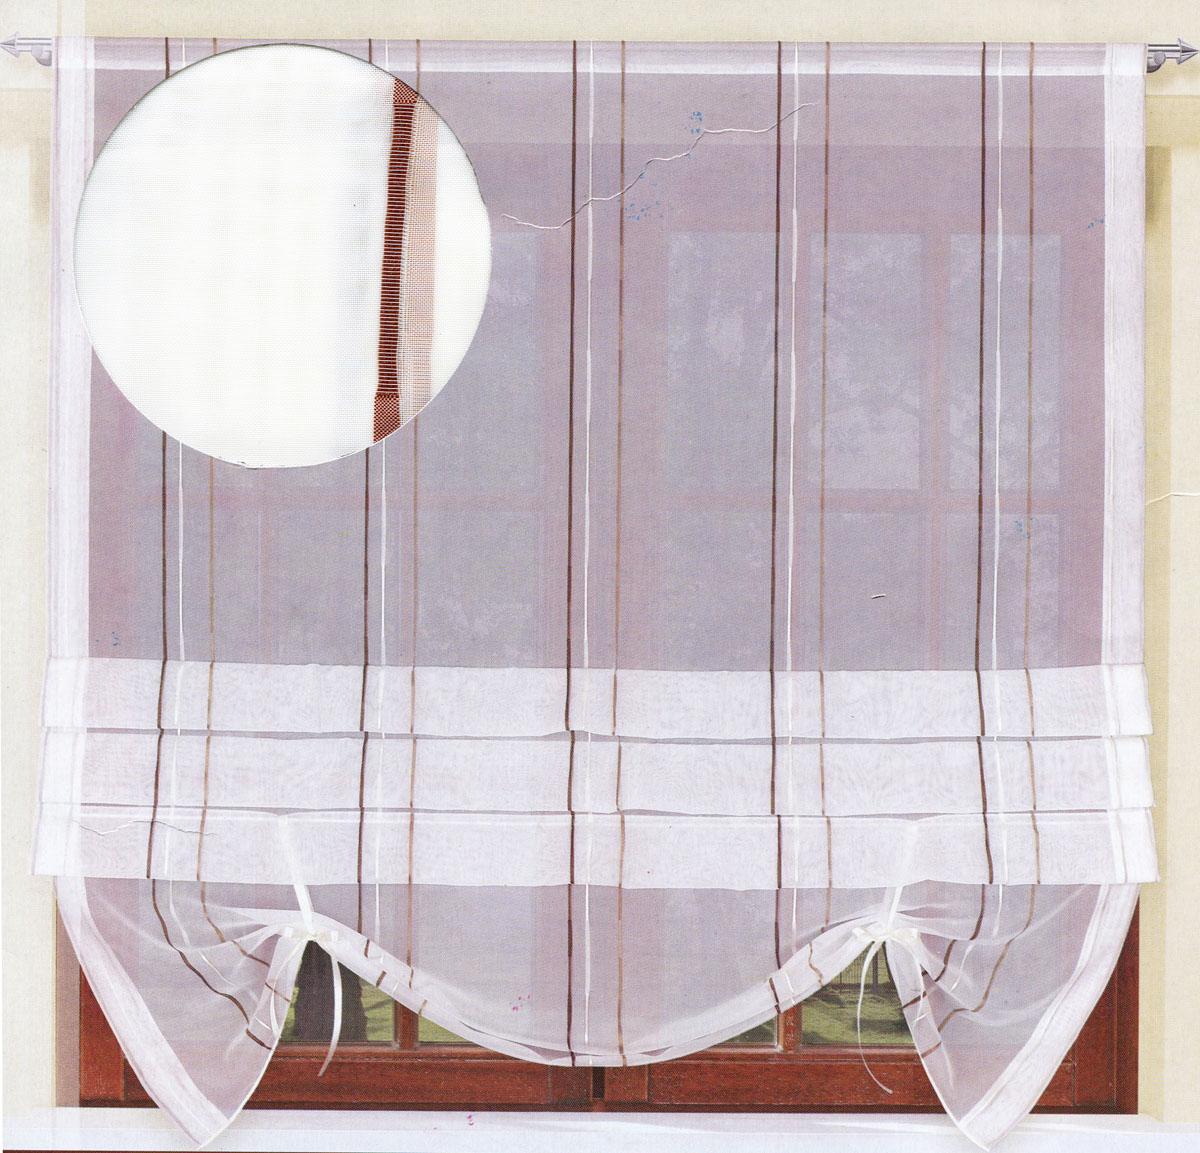 Гардина Haft, на ленте, цвет: молочный, высота 160 см. 200990/160E149Гардина Haft, изготовленная из органзы (100% полиэстера), великолепно украсит любое окно. Воздушная ткань, принт в полоску и приятная, приглушенная гамма привлекут к себе внимание и органично впишутся в интерьер помещения. Полиэстер - вид ткани, состоящий из полиэфирных волокон. Ткани из полиэстера - легкие, прочные и износостойкие. Такие изделия не требуют специального ухода, не пылятся и почти не мнутся.Гардина крепится на карниз при помощи ленты, которая поможет красиво и равномерно задрапировать верх. Такая гардина идеально оформит интерьер любого помещения.